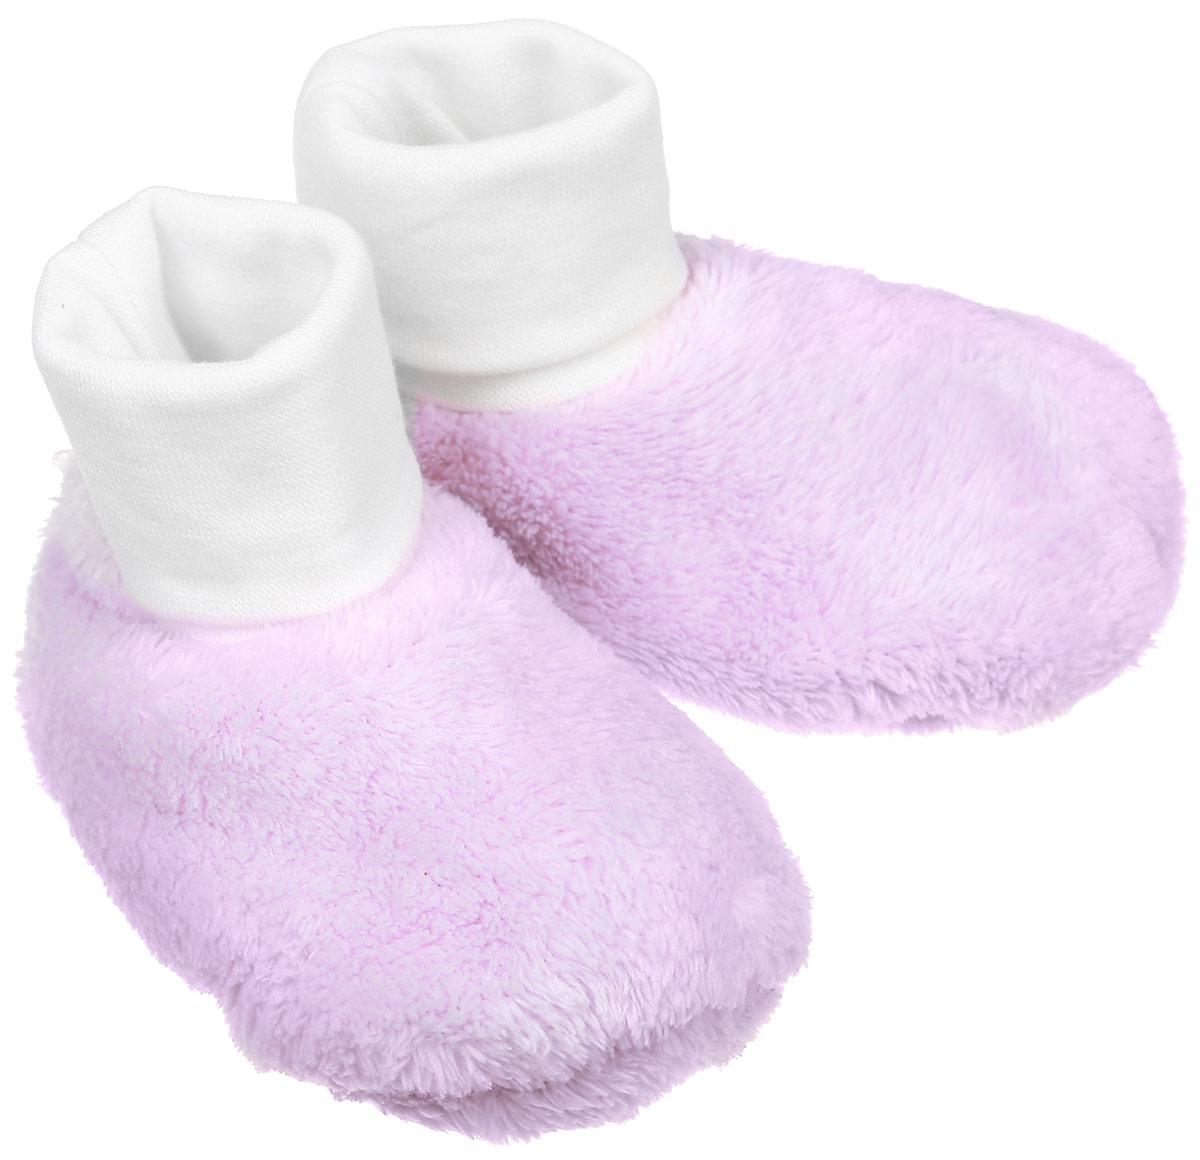 Пинетки детские Reima Levana, цвет: сиреневый. 517118-5000. Размер 1517118-5000Теплые пинетки Reima Levana идеально подойдут для маленьких ножек вашего малыша. Изделие изготовлено из высококачественного полиэстера, отлично удерживает тепло и пропускает воздух, обеспечивая комфорт.Крошечным ножкам очень понравятся эти меховые пинетки! Мягкая хлопчатобумажная подкладка с эластаном очень приятна для тела, а длинная подворачивающаяся резинка удержит пинетки на ножке и гарантирует оптимальную посадку. Эти пинетки очень легко надеваются!Такие пинетки - отличное решение для малышей и их родителей!